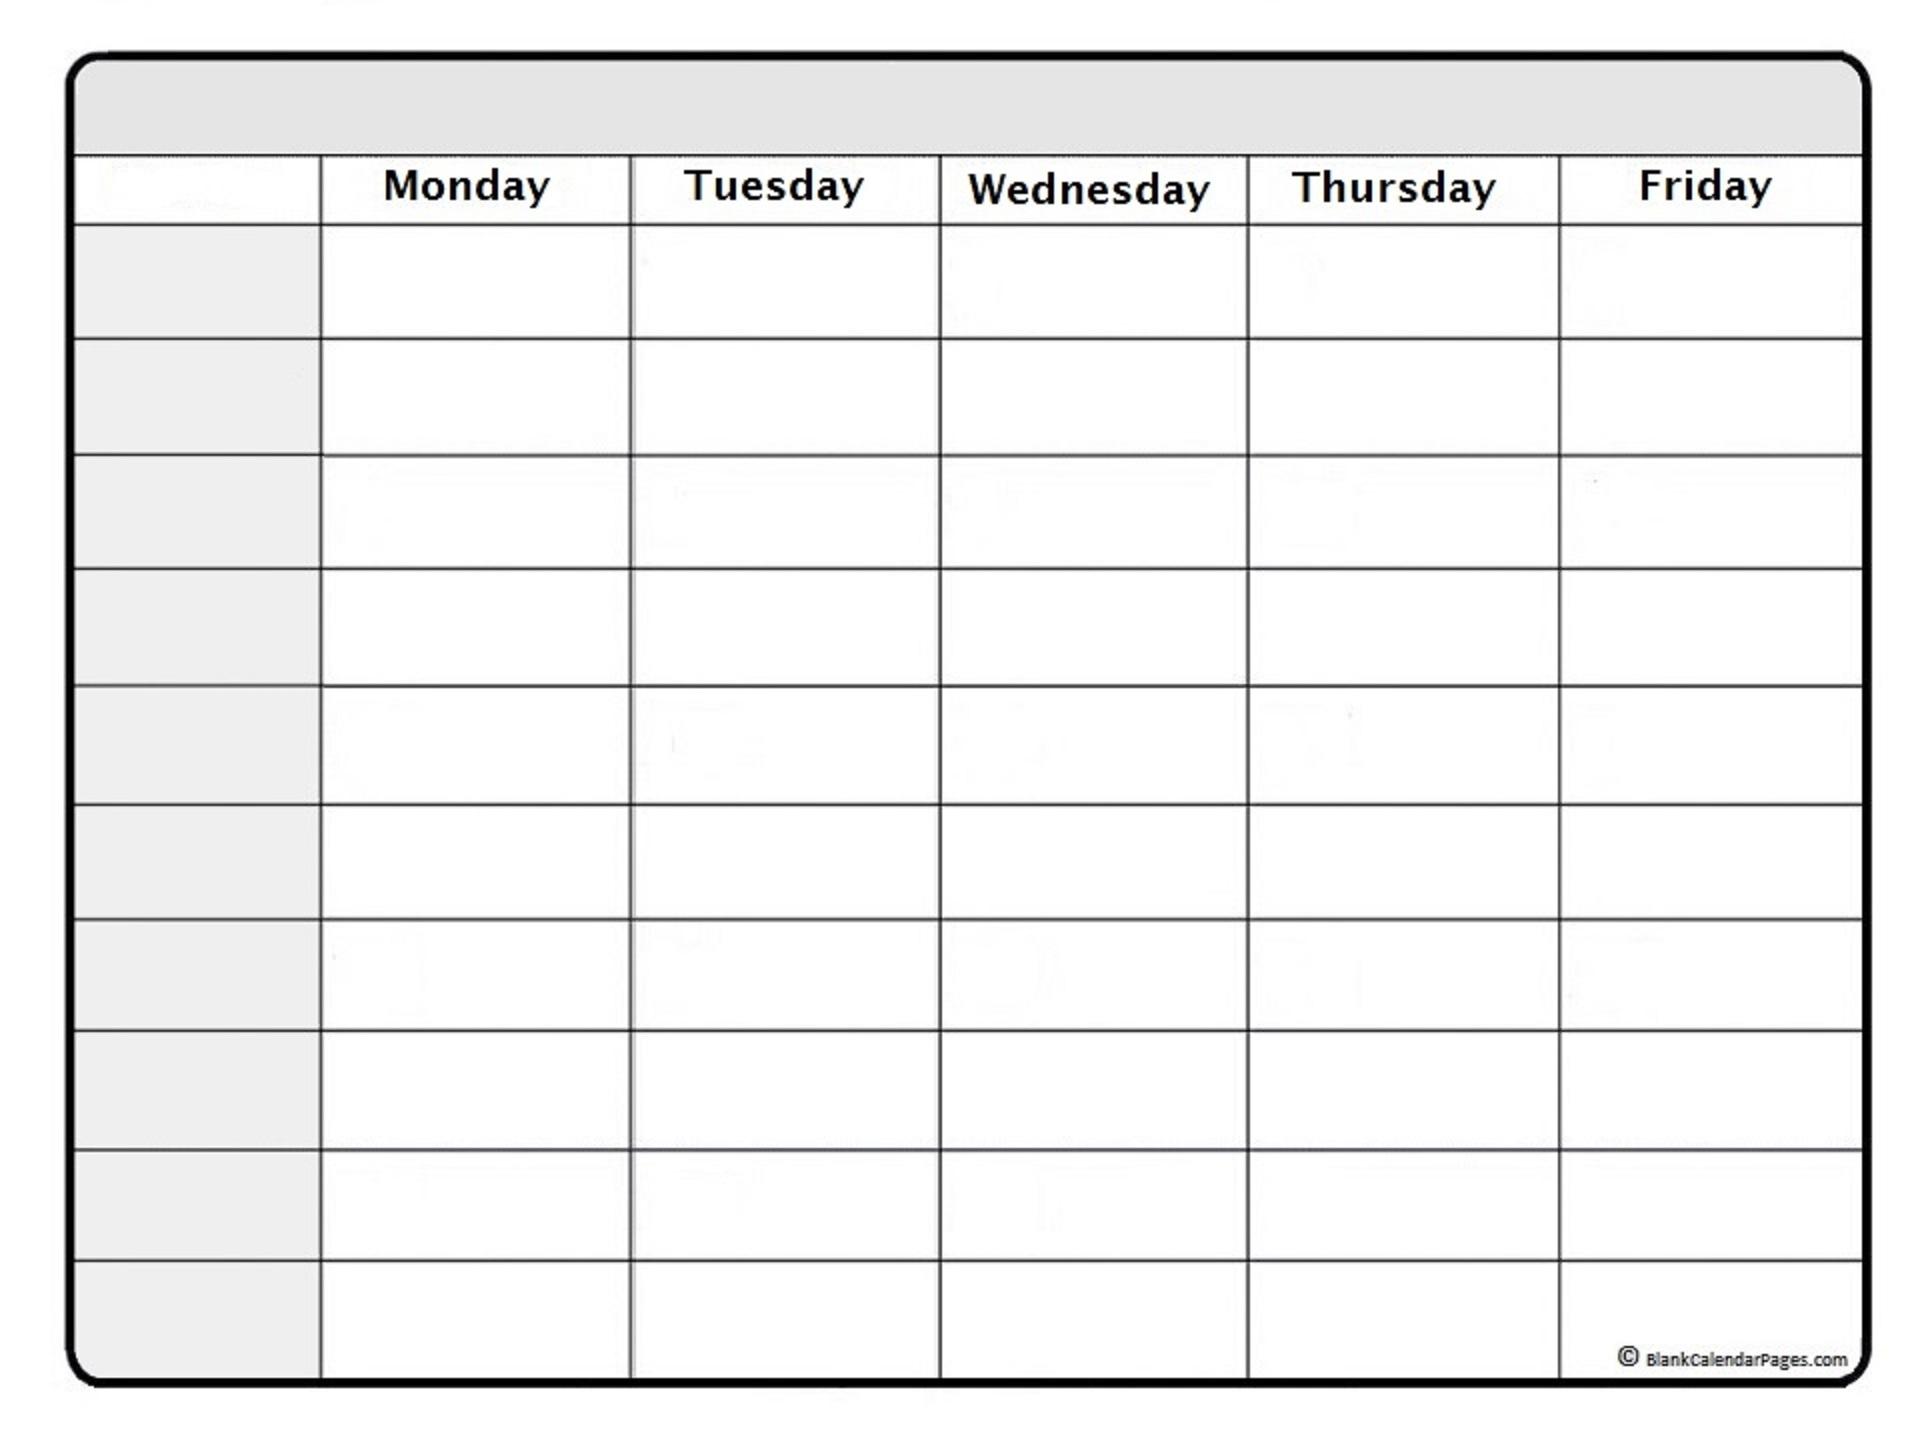 Take Weekly Schedule Printable